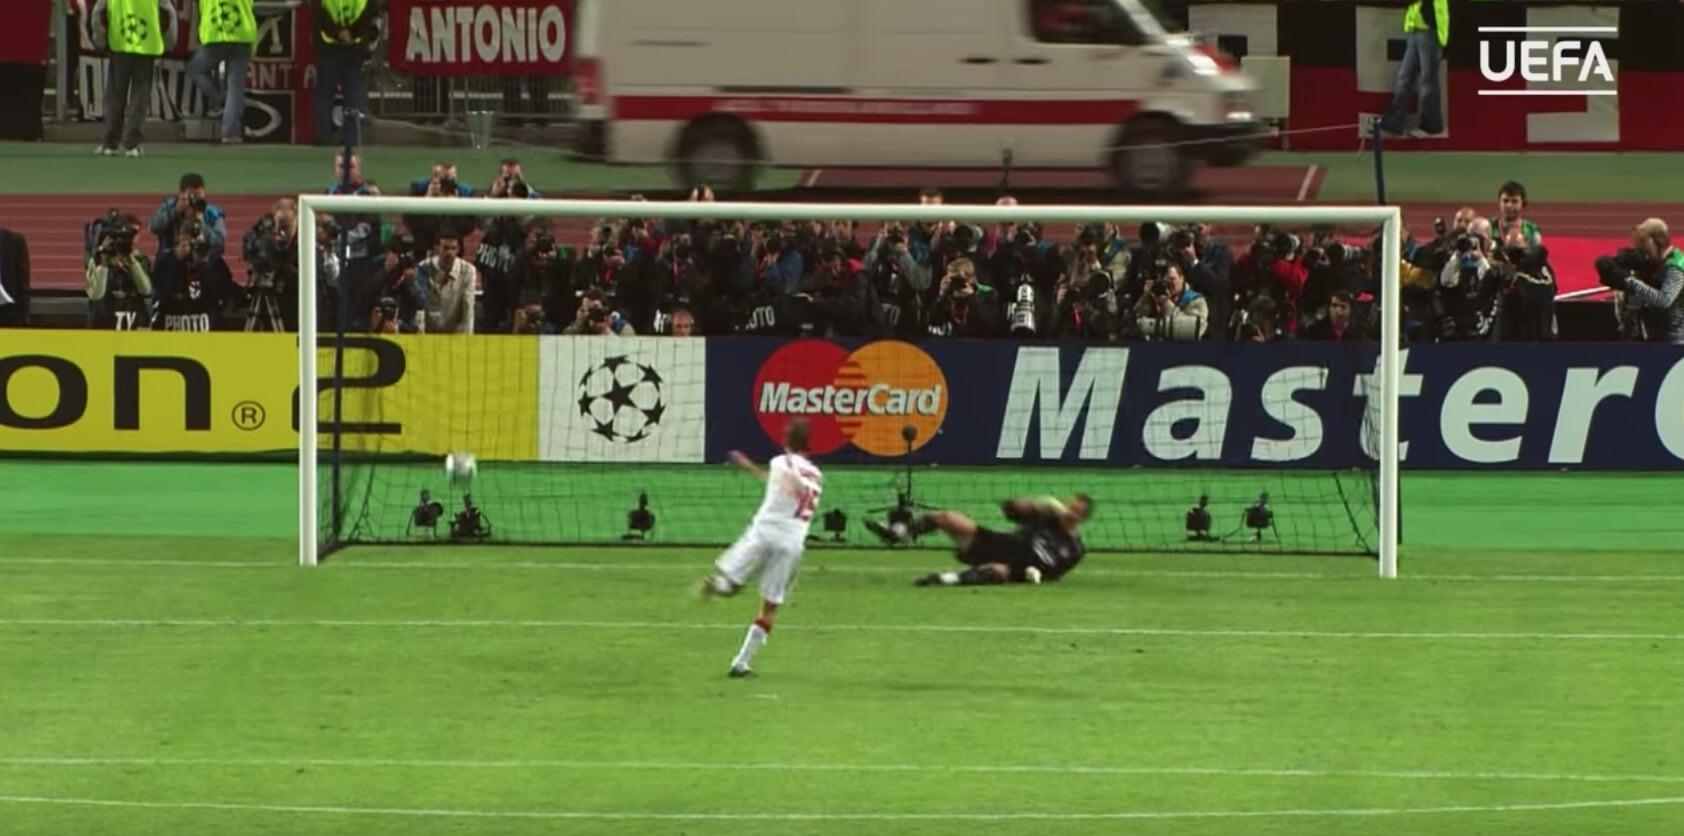 Дудек в Стамбуле: забил на подсказки Бенитеса в серии пенальти и делал все наоборот, а еще кривлялся по просьбе Каррагера